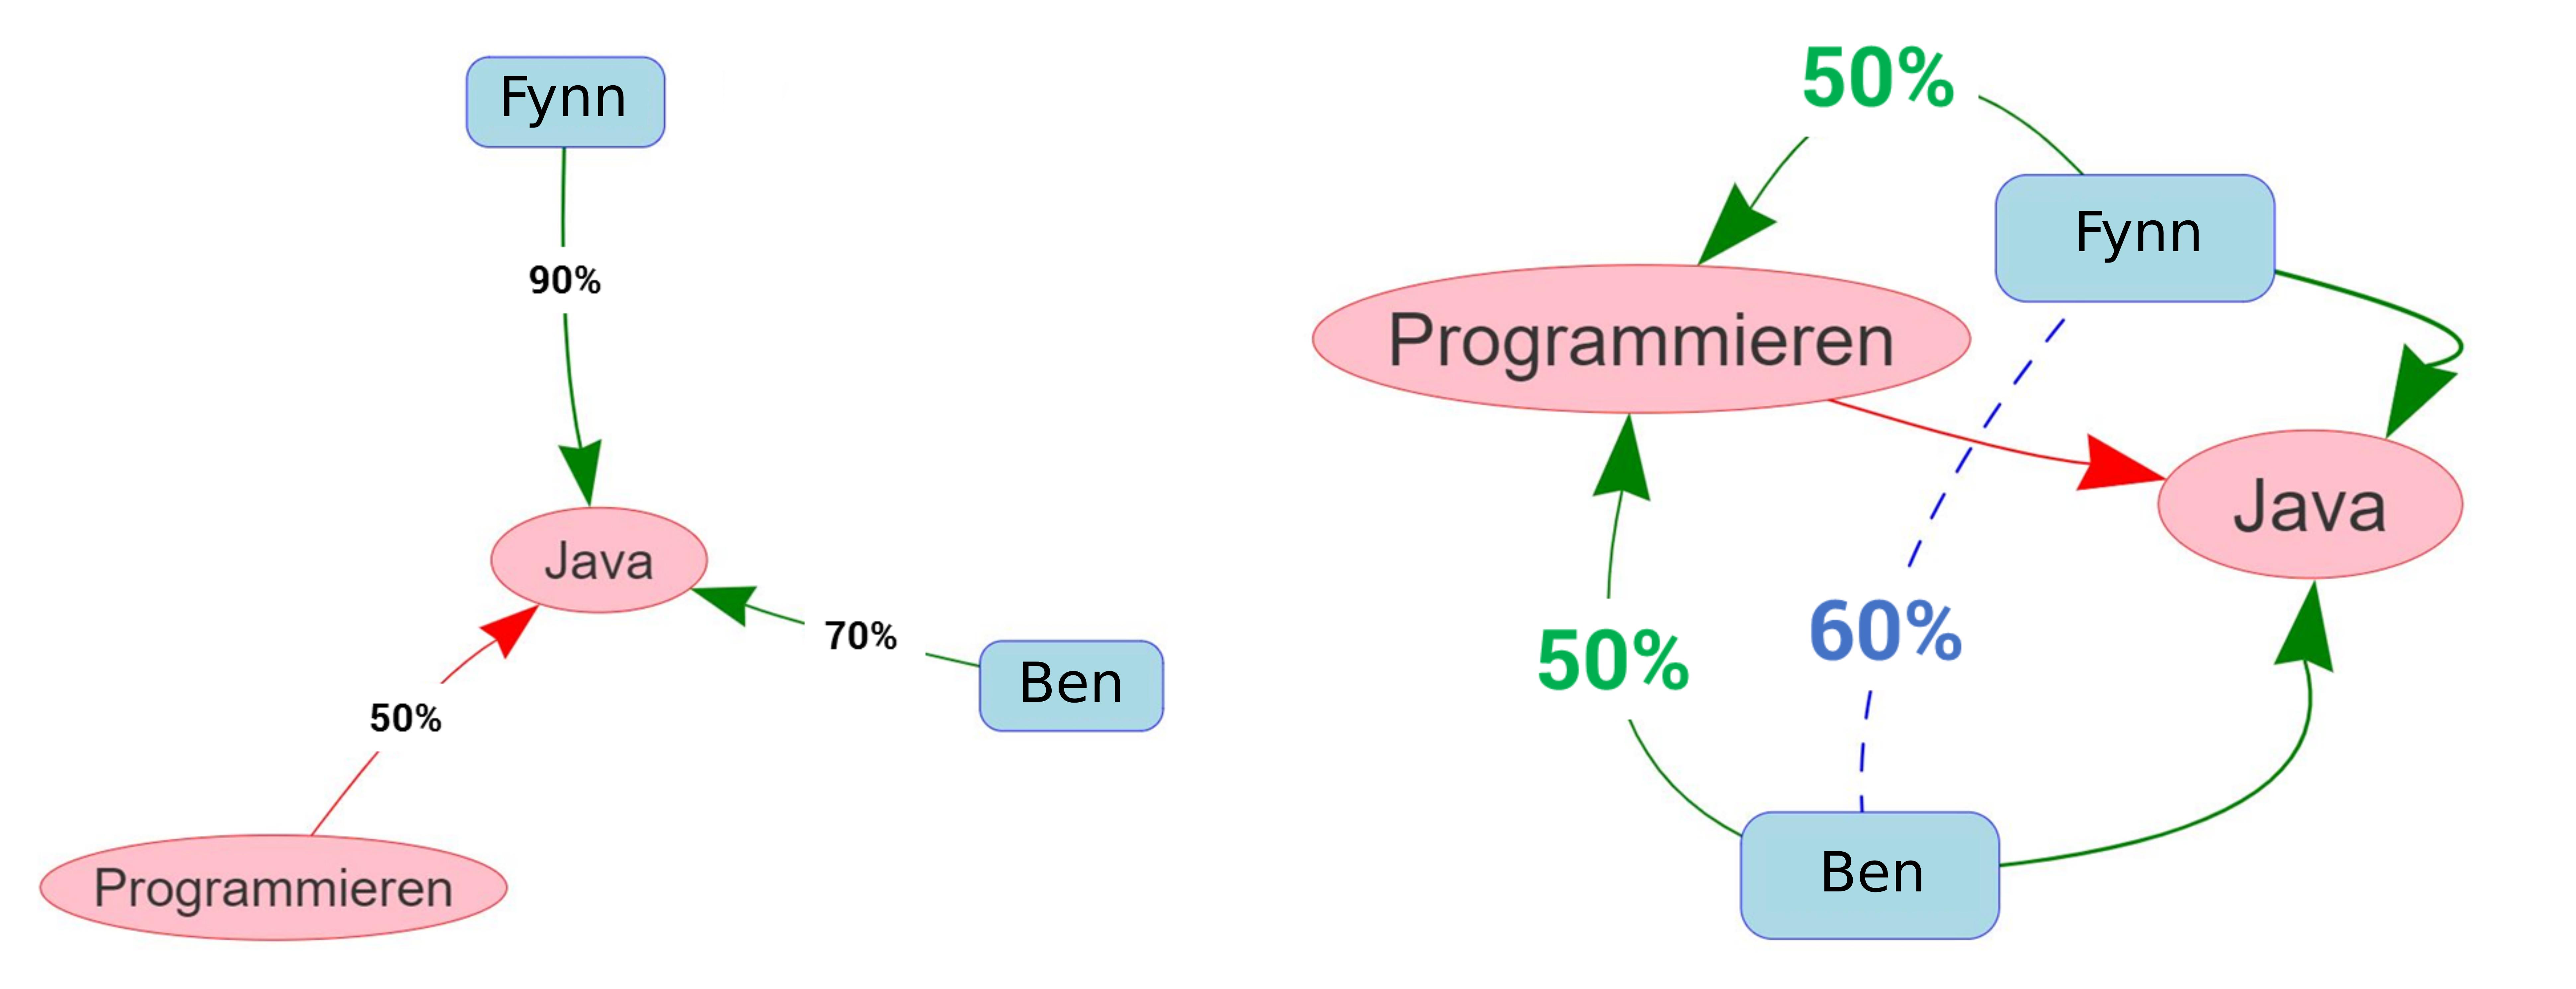 Abb. 7: Schlussfolgerungen der mainzed-Ontologie                            im Web-Viewer. [Eigene Darstellung, CC BY 4.0].